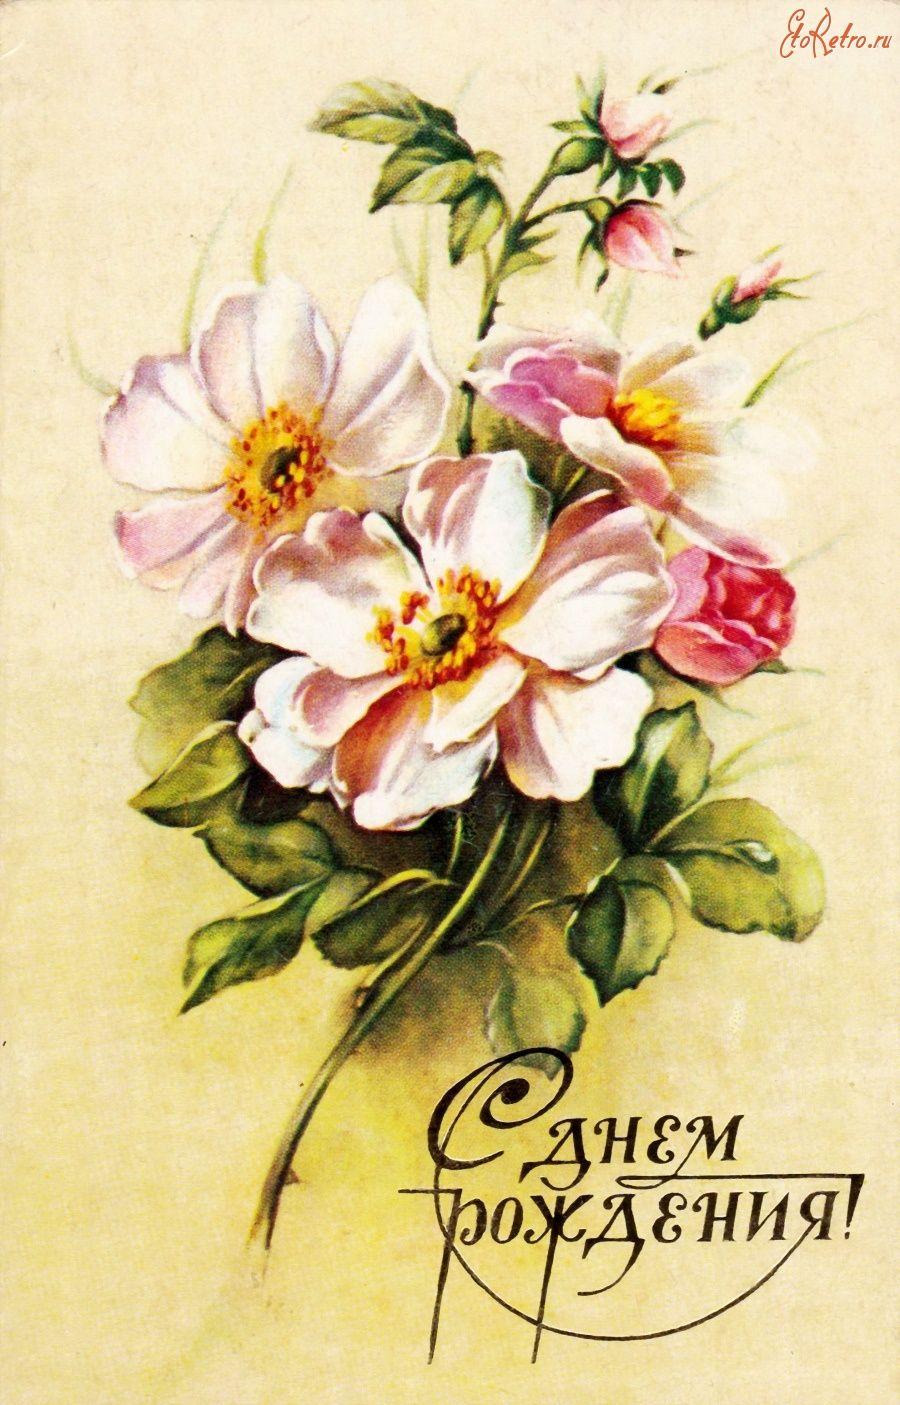 Поздравления с днем рождения женщине ретро открытки, розой